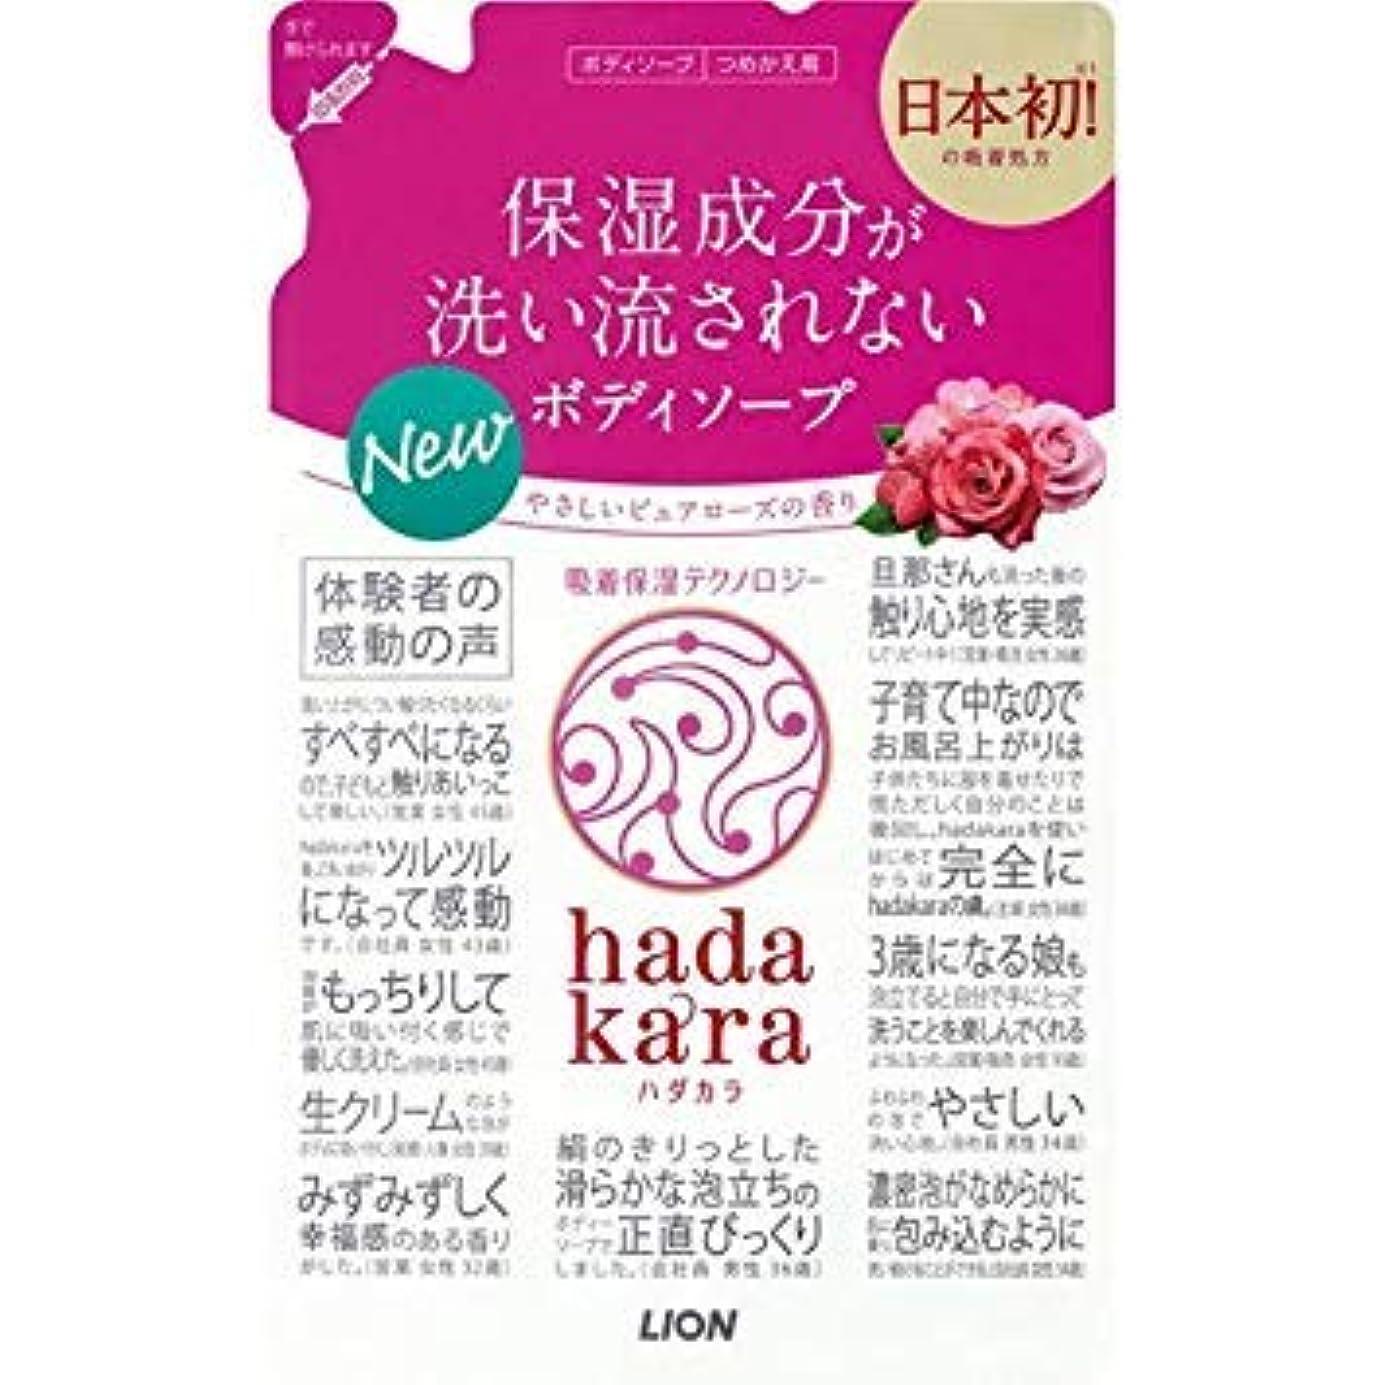 絶滅した優越朝食を食べるhadakara(ハダカラ) ボディソープ ピュアローズの香り 詰め替え 360ml×16個